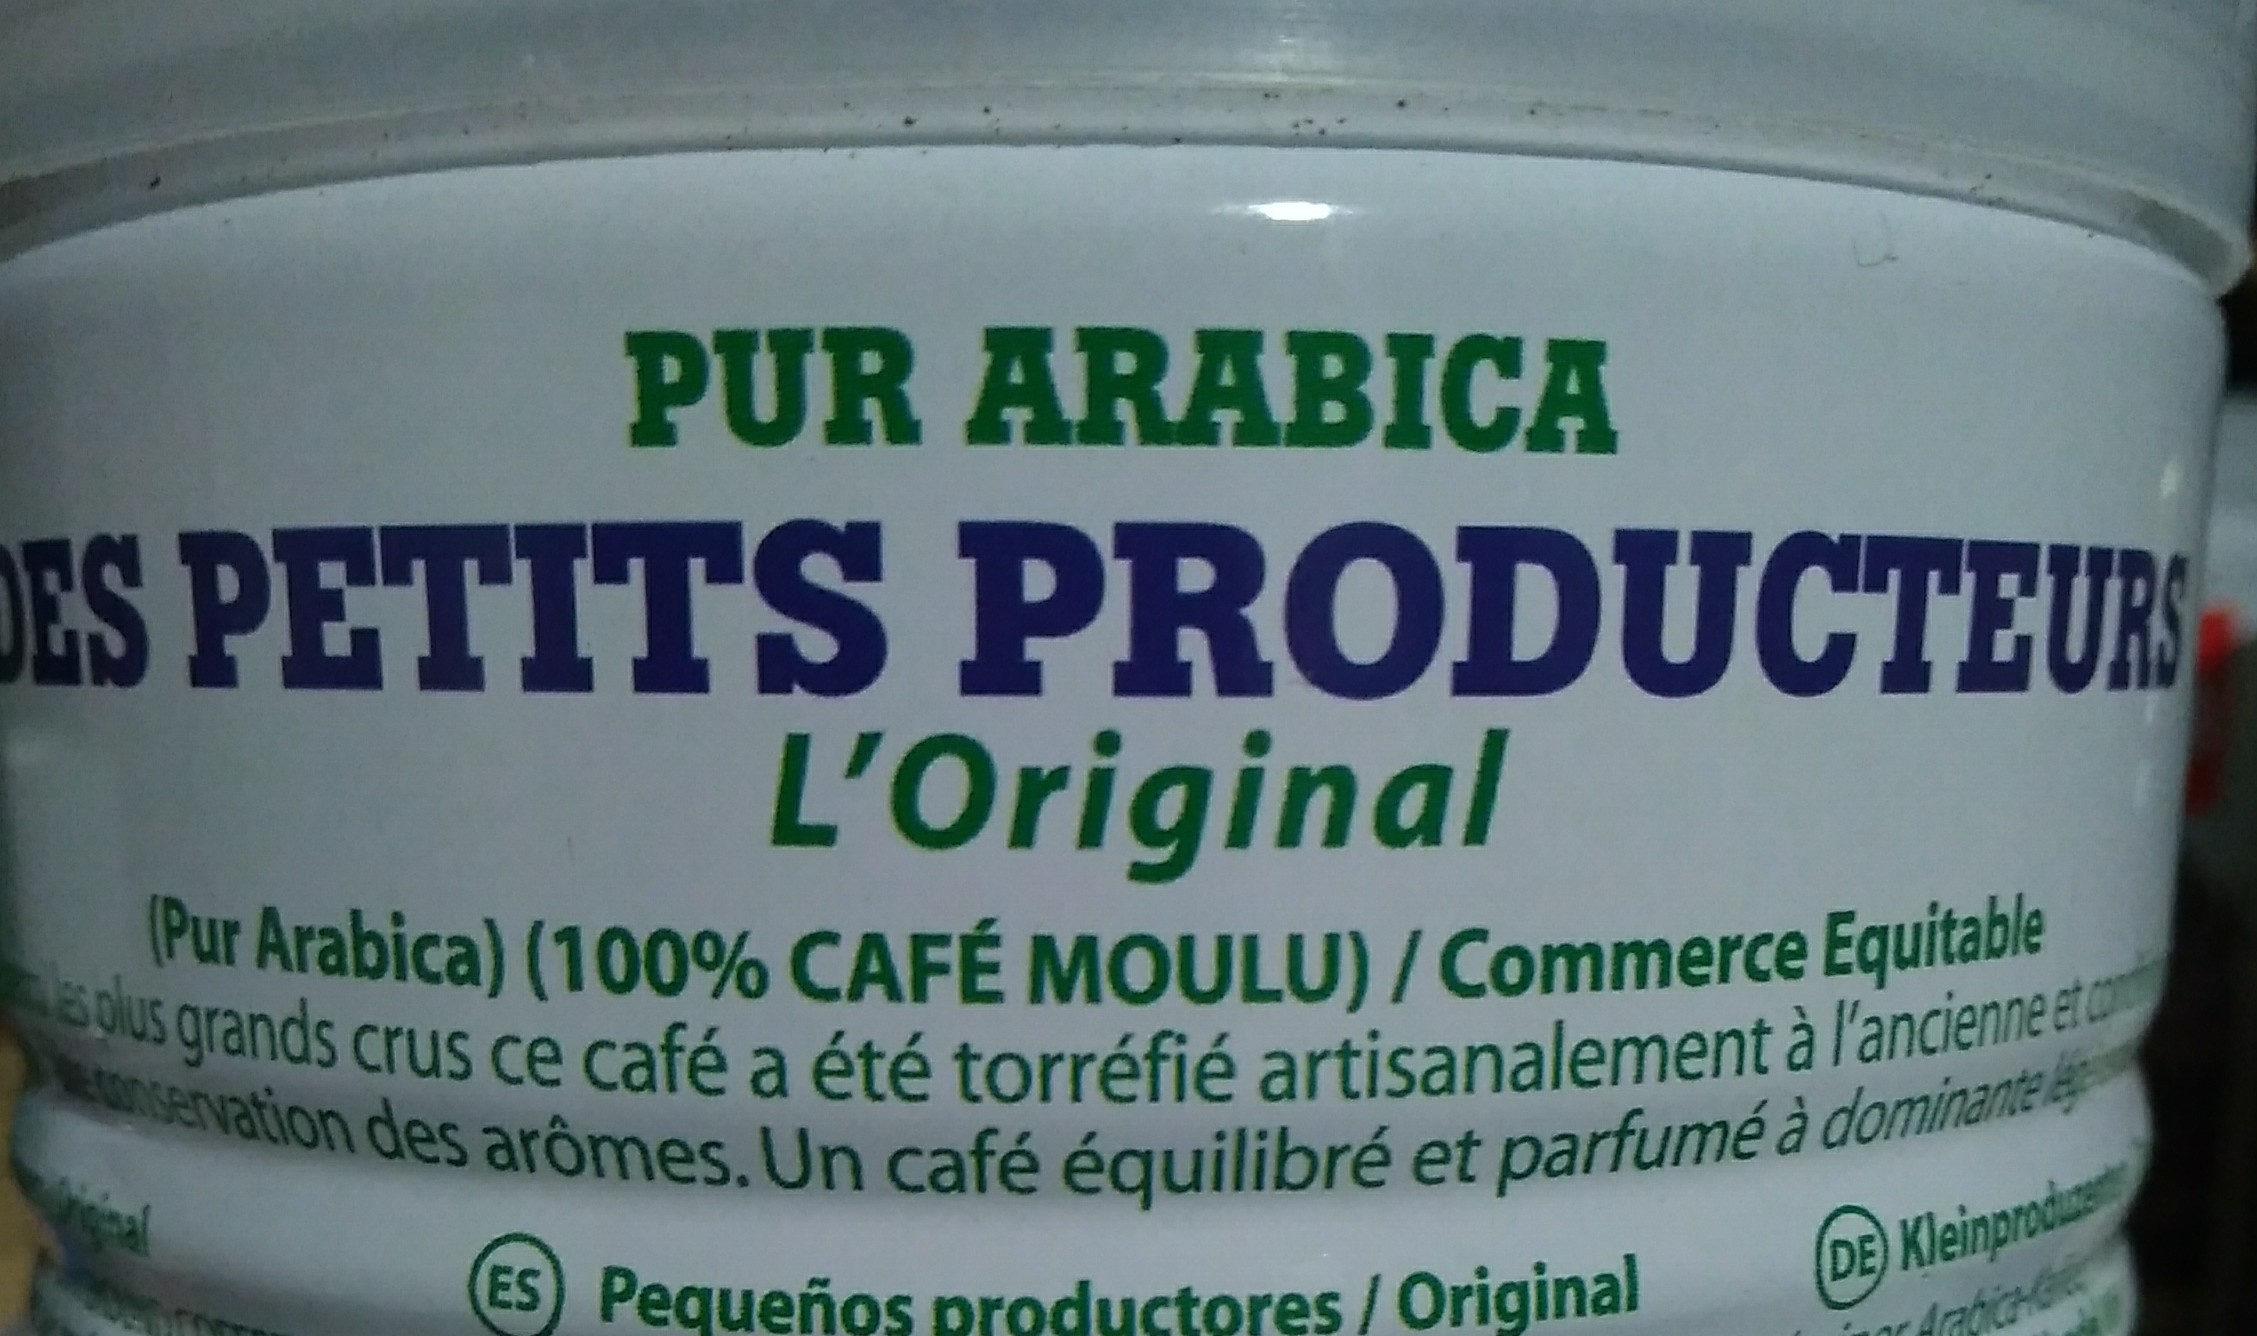 Pur arabica des petits producteurs - Ingredients - fr